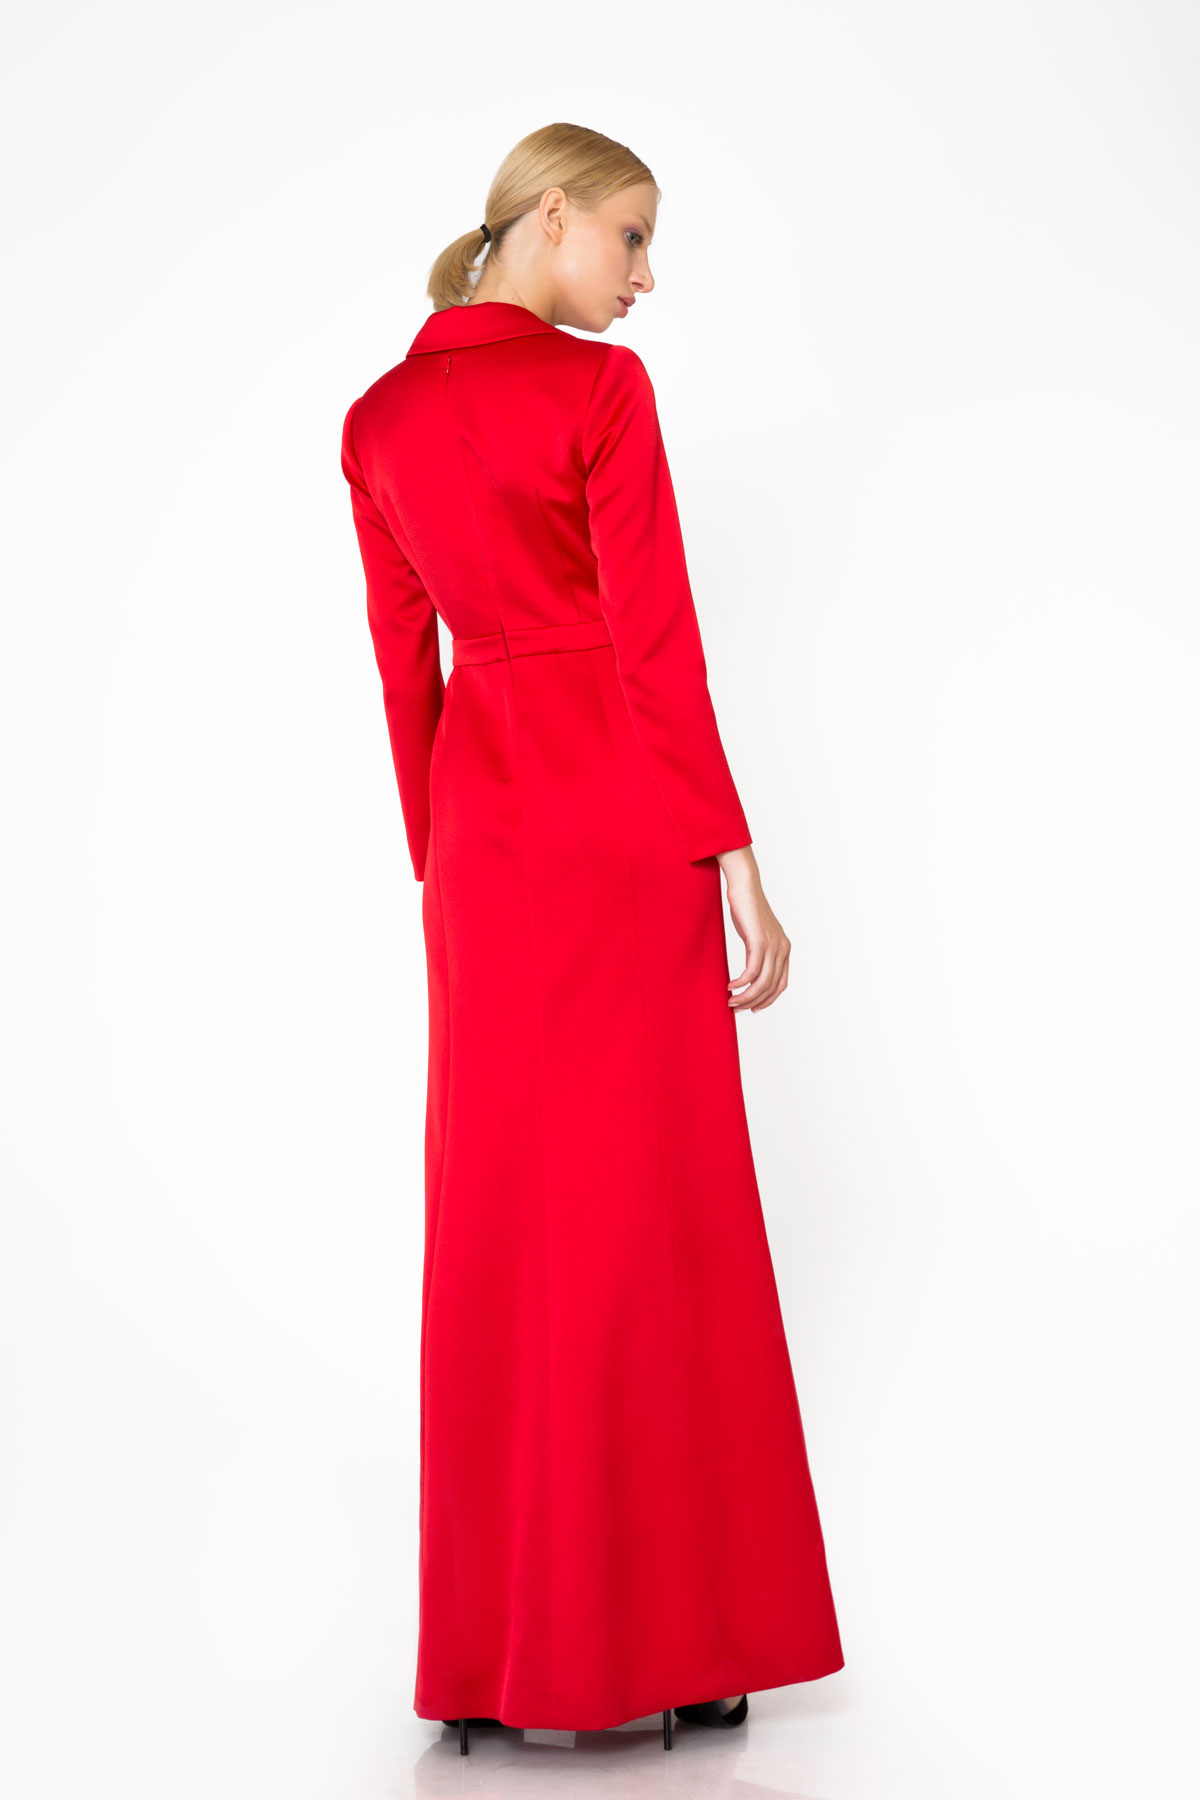 Taş İşleme Detaylı Kırmızı Uzun Gece Elbisesi